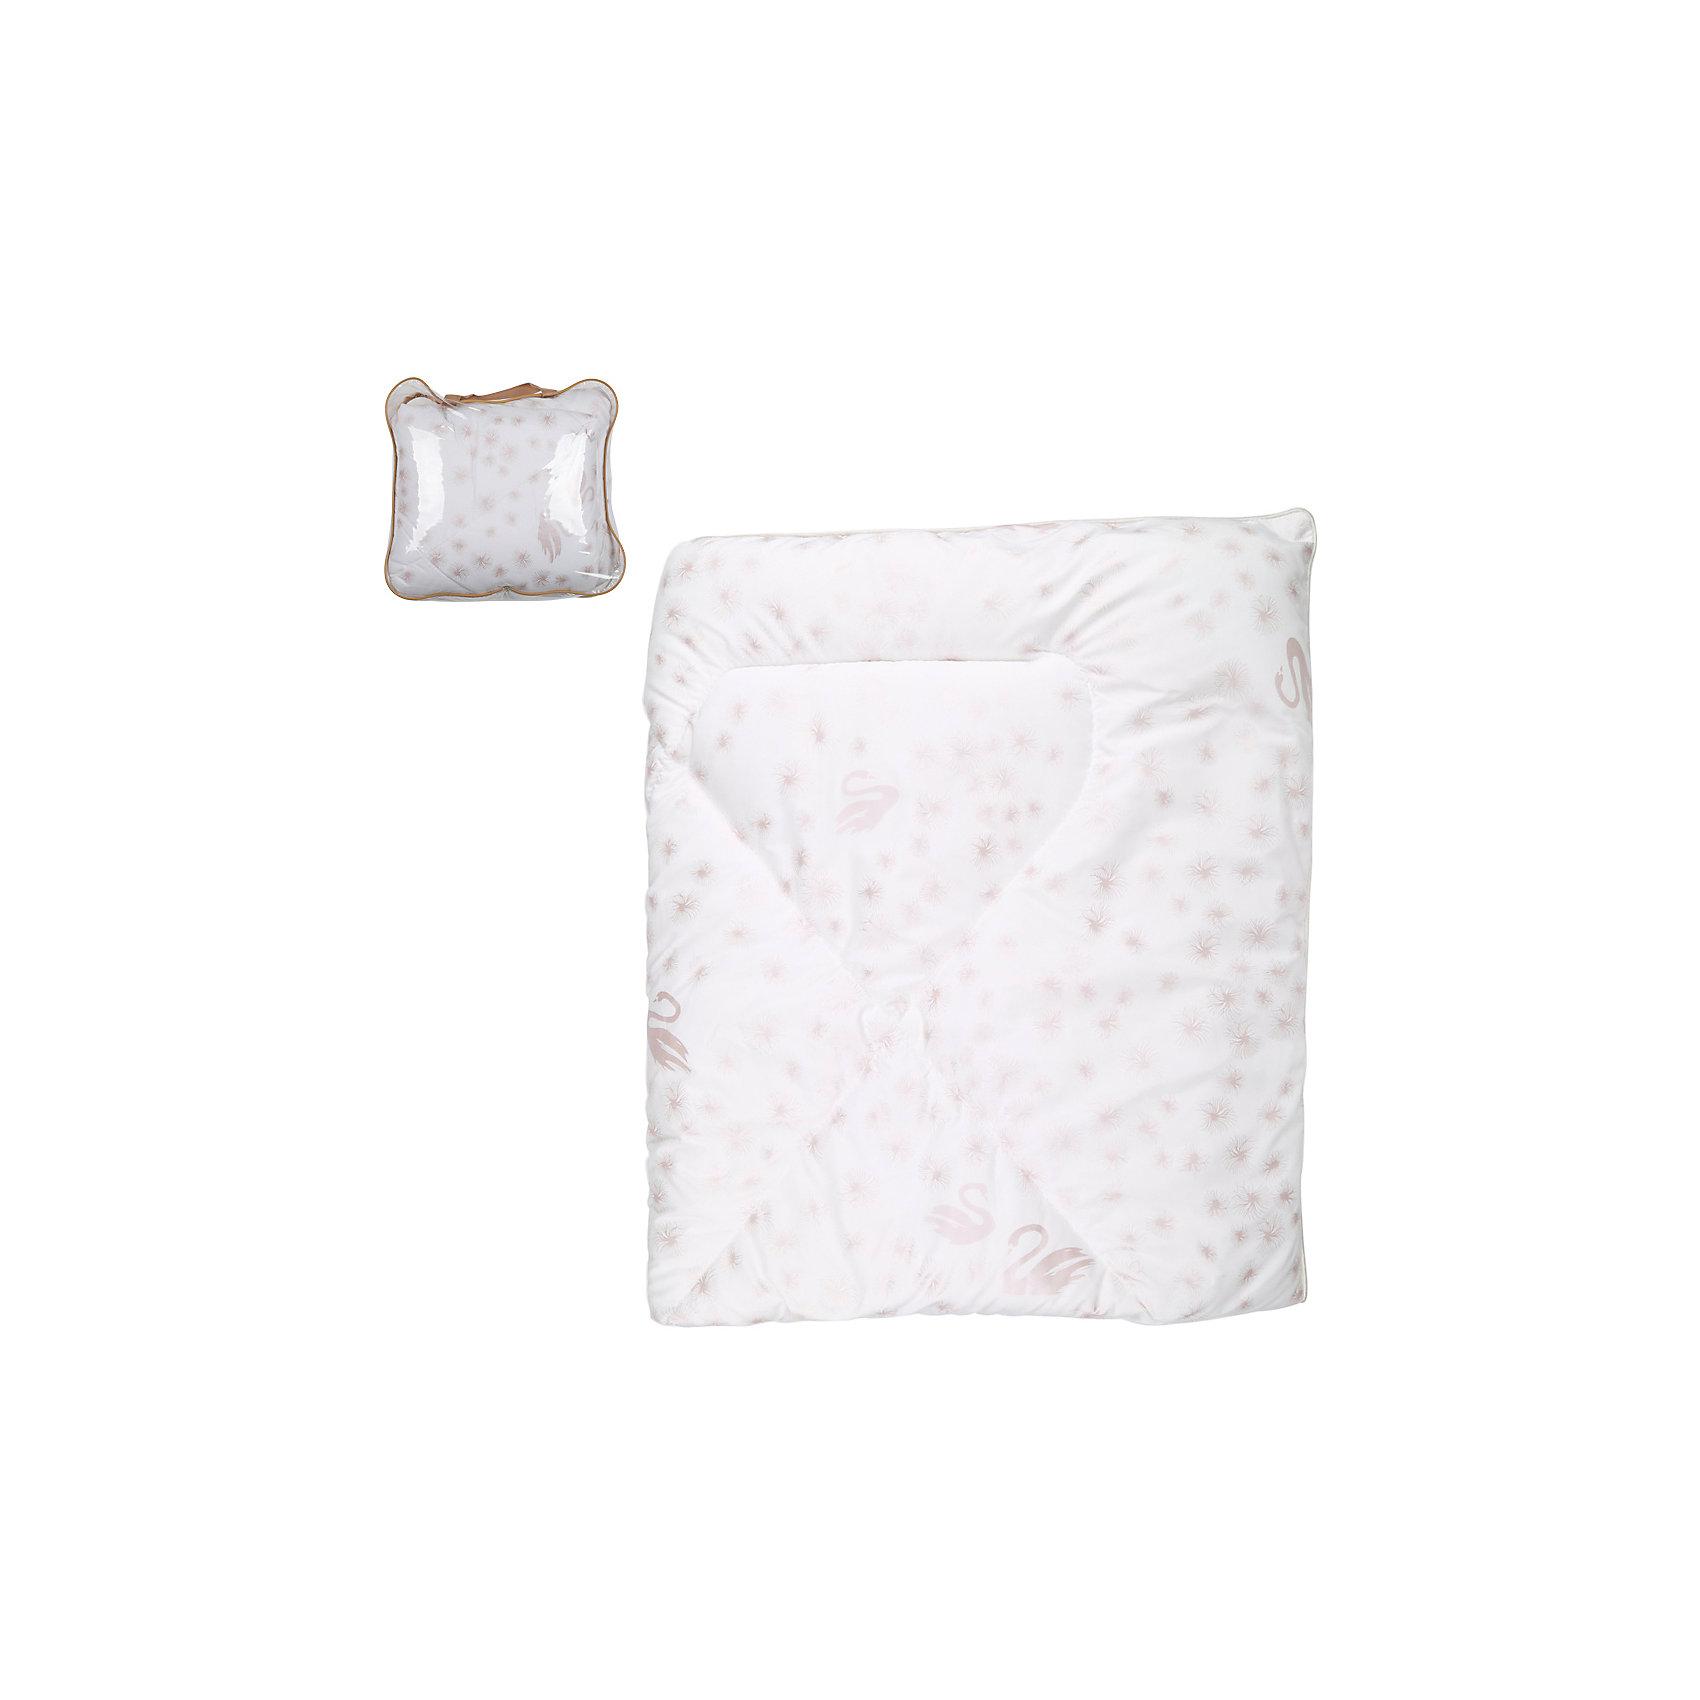 Одеяло-вкладыш в кроватку, с окантовкой, (лебяжий пух) (110*140), Leader kidsОдеяла, пледы<br>Одеяло-вкладыш в кроватку, с окантовкой, лебяжий пух, Leader kids, 110*140 – самое лучшее решение для сна ребенка. Одеяло выполнено из бязи, в качестве наполнителя использовано синтетическое волокно лебяжий пух, которое обладает антибактериальными свойствами и экологичностью.  Изделие по периментру обработано кантом, что обеспечивает сохранность формы длительное время, одеяло достаточно легкое в уходе. <br>Одеяло-вкладыш в кроватку, с окантовкой подарит ребенку крепкий, здоровый и безопасный сон. <br><br>Дополнительная информация:<br><br>- Предназначение: для детской кроватки<br>- Материал: бязь, 100% хлопок<br>- Наполнитель: лебяжий пух<br>- Пол: для мальчика/для девочки<br>- Цвет: молочный<br>- Размеры (Д*Ш): 110*140 см<br>- Вес: 500 г<br>- Особенности ухода: разрешается стирка при температуре не более 40 градусов<br><br>Подробнее:<br><br>• Для детей в возрасте от 0 месяцев и до 3 лет<br>• Страна производитель: Россия<br>• Торговый бренд: Leader kids<br><br>Одеяло-вкладыш в кроватку, с окантовкой, лебяжий пух, Leader kids, 110*140 можно купить в нашем интернет-магазине.<br><br>Ширина мм: 200<br>Глубина мм: 500<br>Высота мм: 500<br>Вес г: 300<br>Возраст от месяцев: 0<br>Возраст до месяцев: 36<br>Пол: Унисекс<br>Возраст: Детский<br>SKU: 4904852